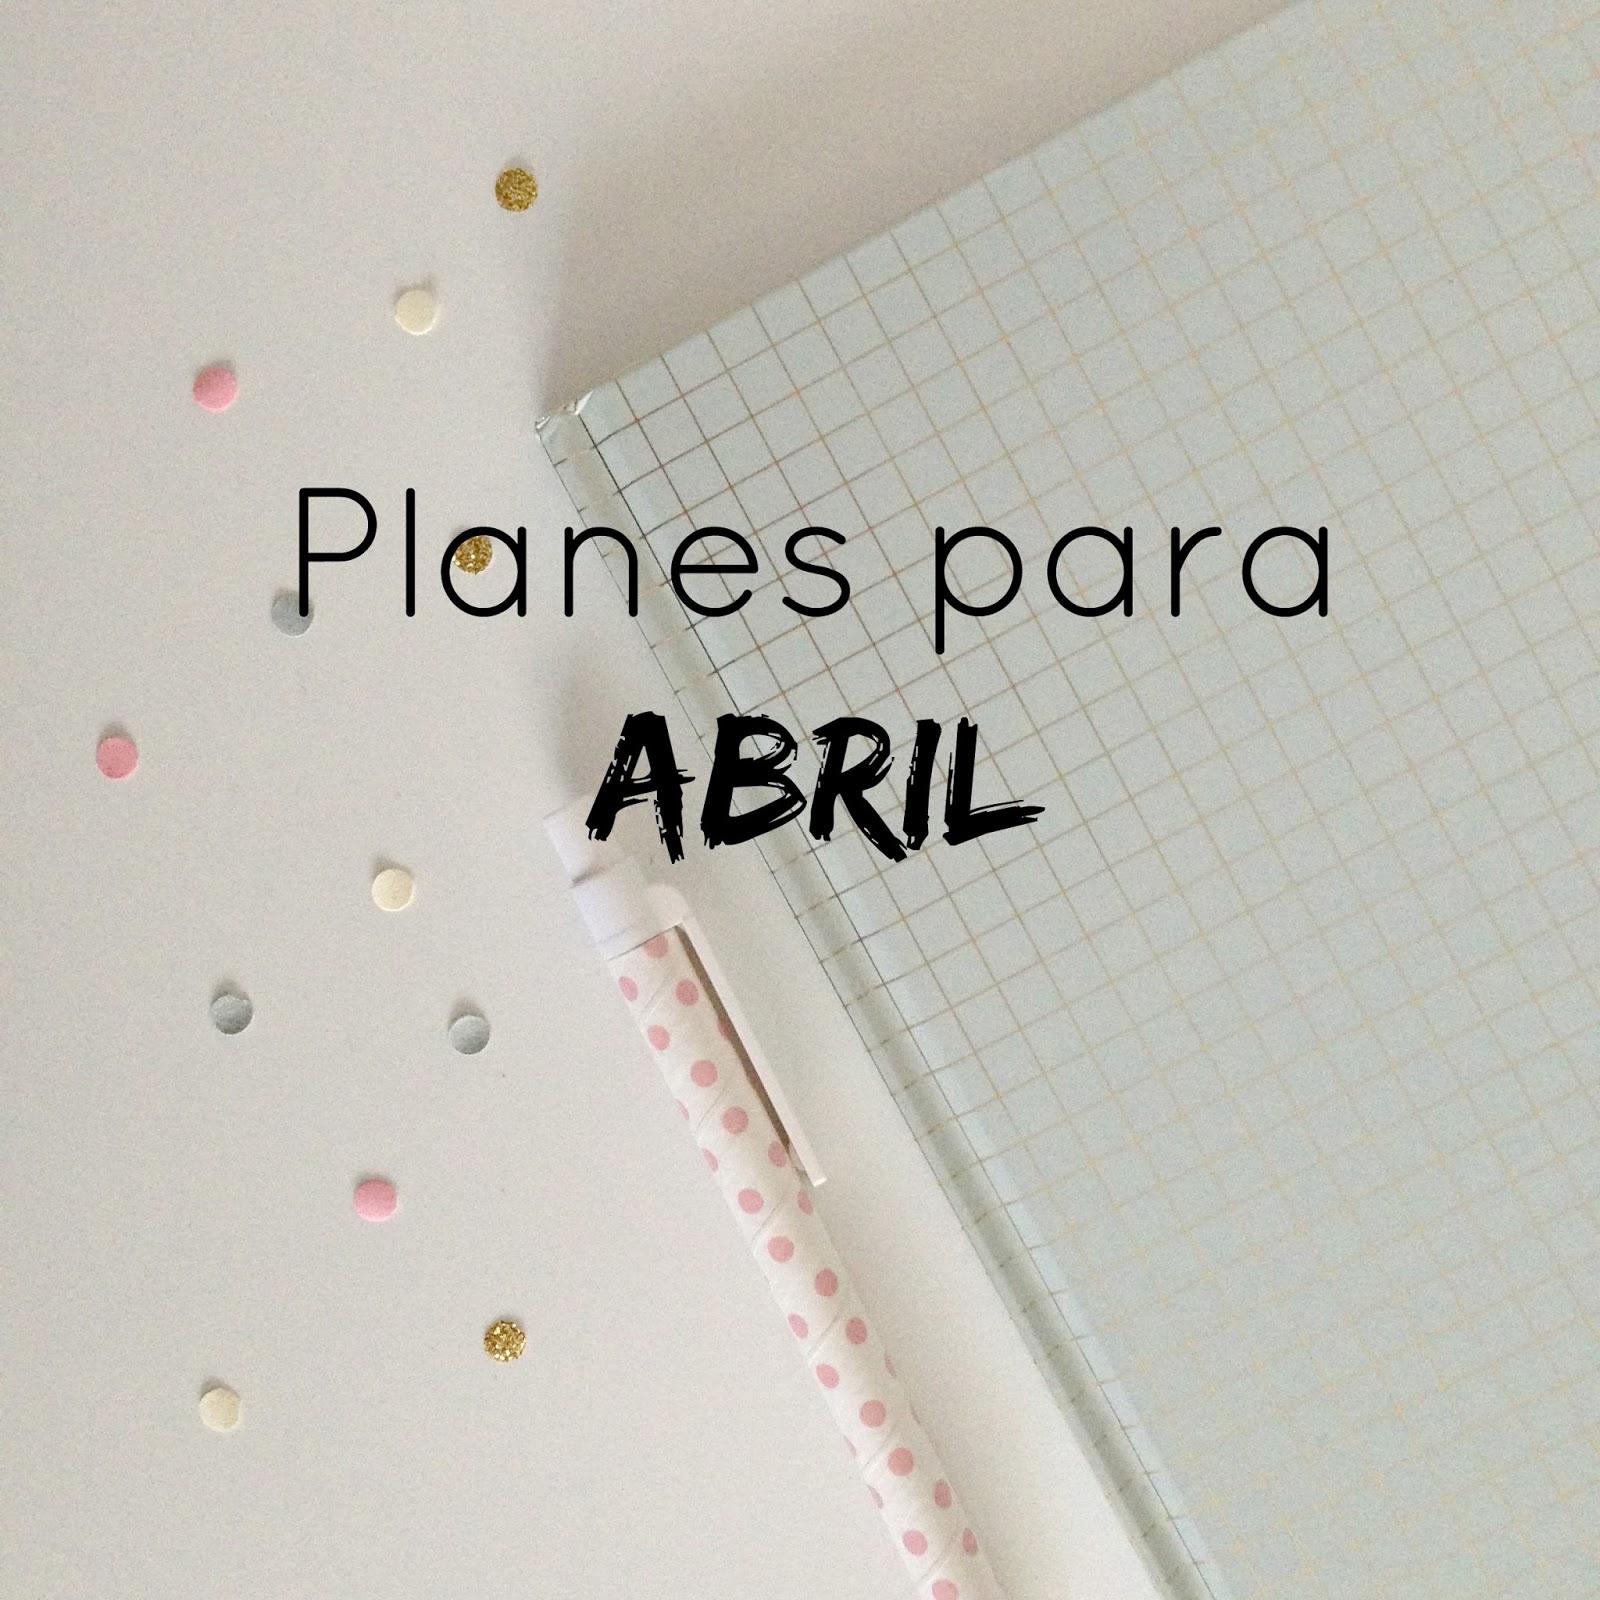 http://mediasytintas.blogspot.com/2015/04/planes-para-abril.html